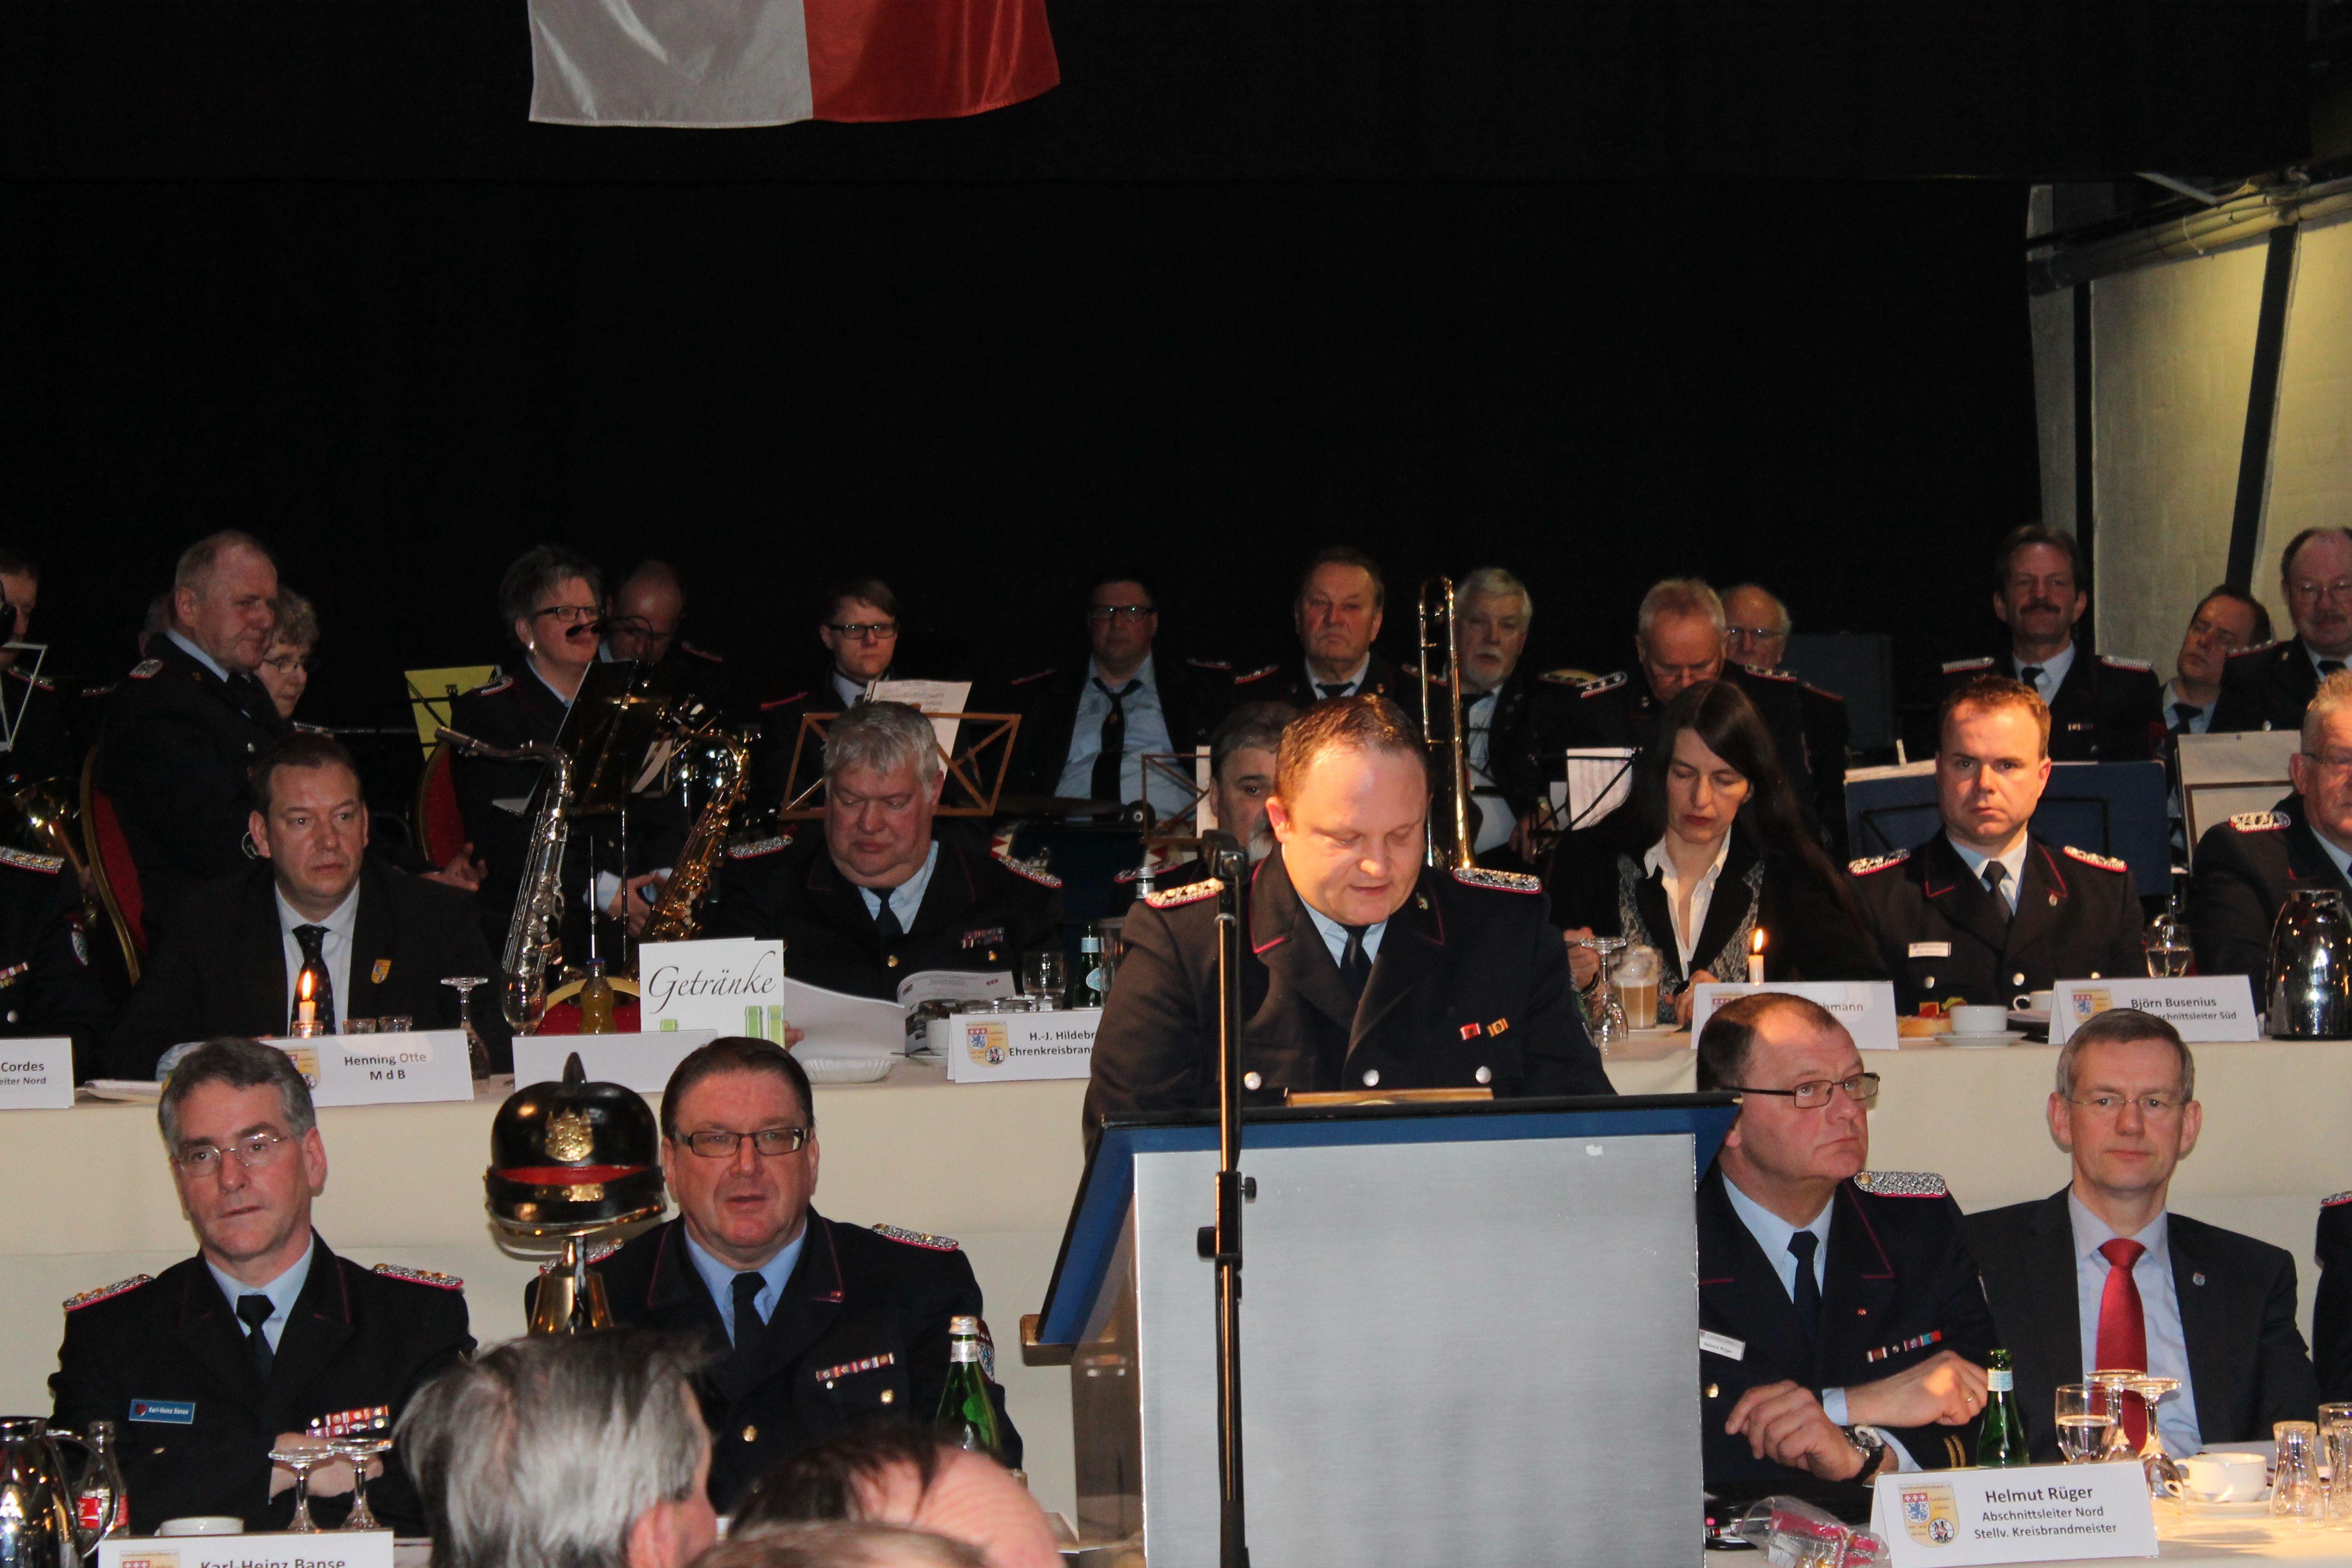 Delegierte des Kreisfeuerwehrverbandes trafen sich zur Jahresversammlung